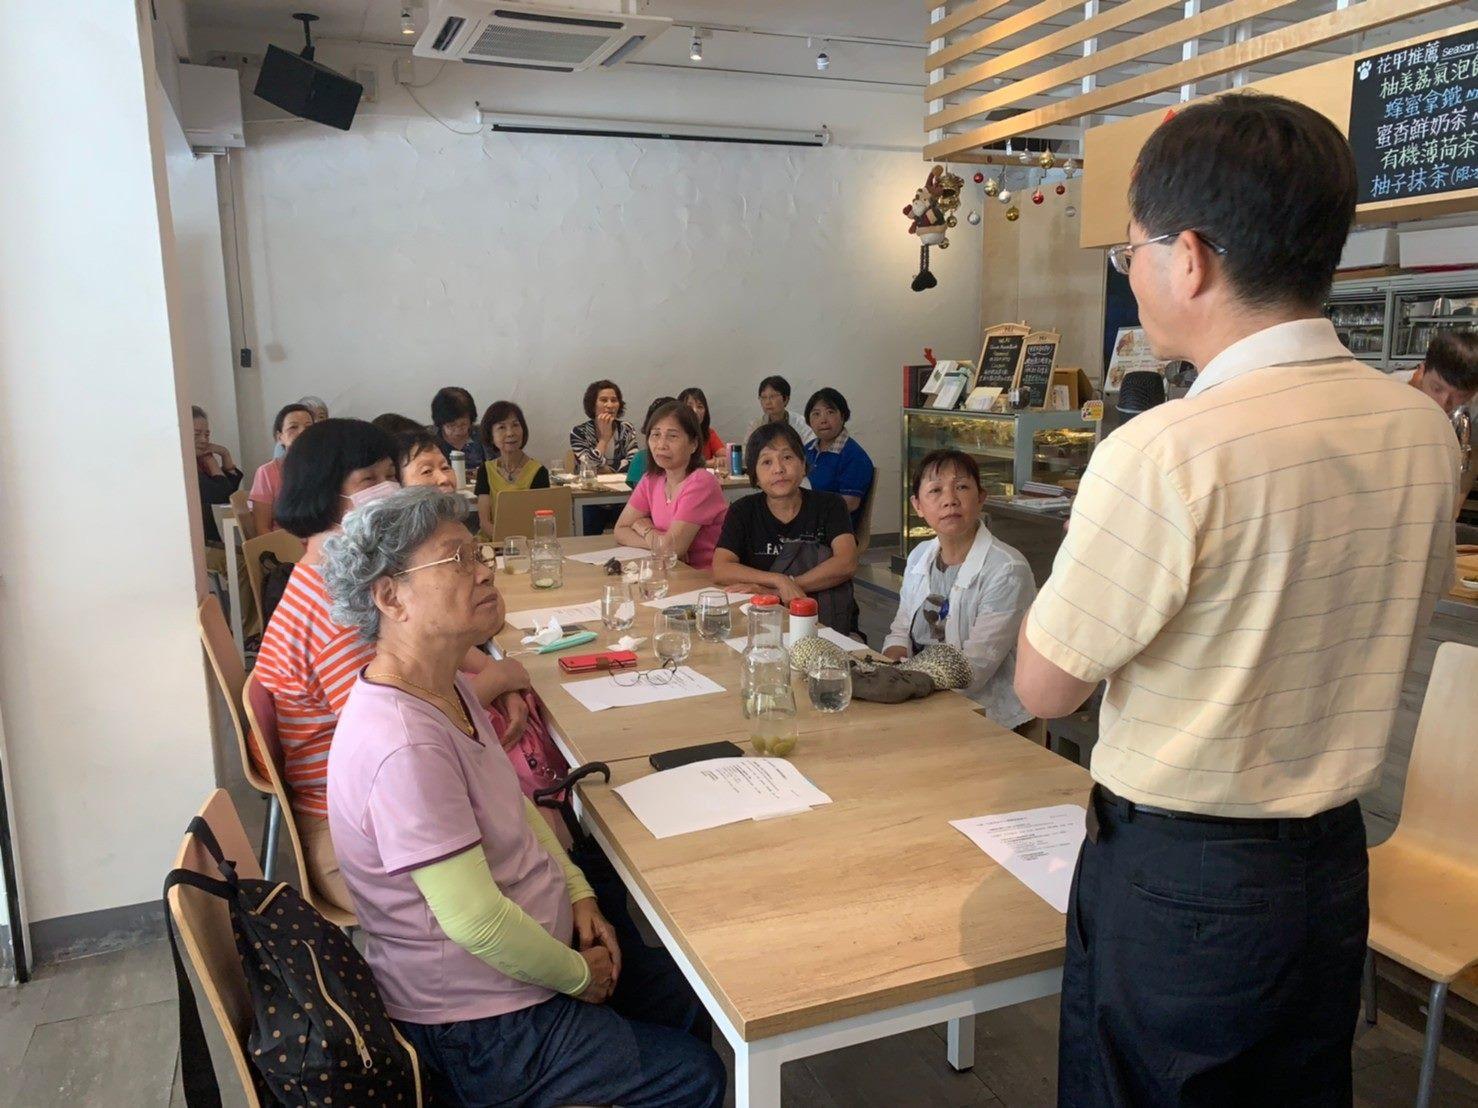 志工參與教育訓練活動「個人與居家防護措施」課程情形。